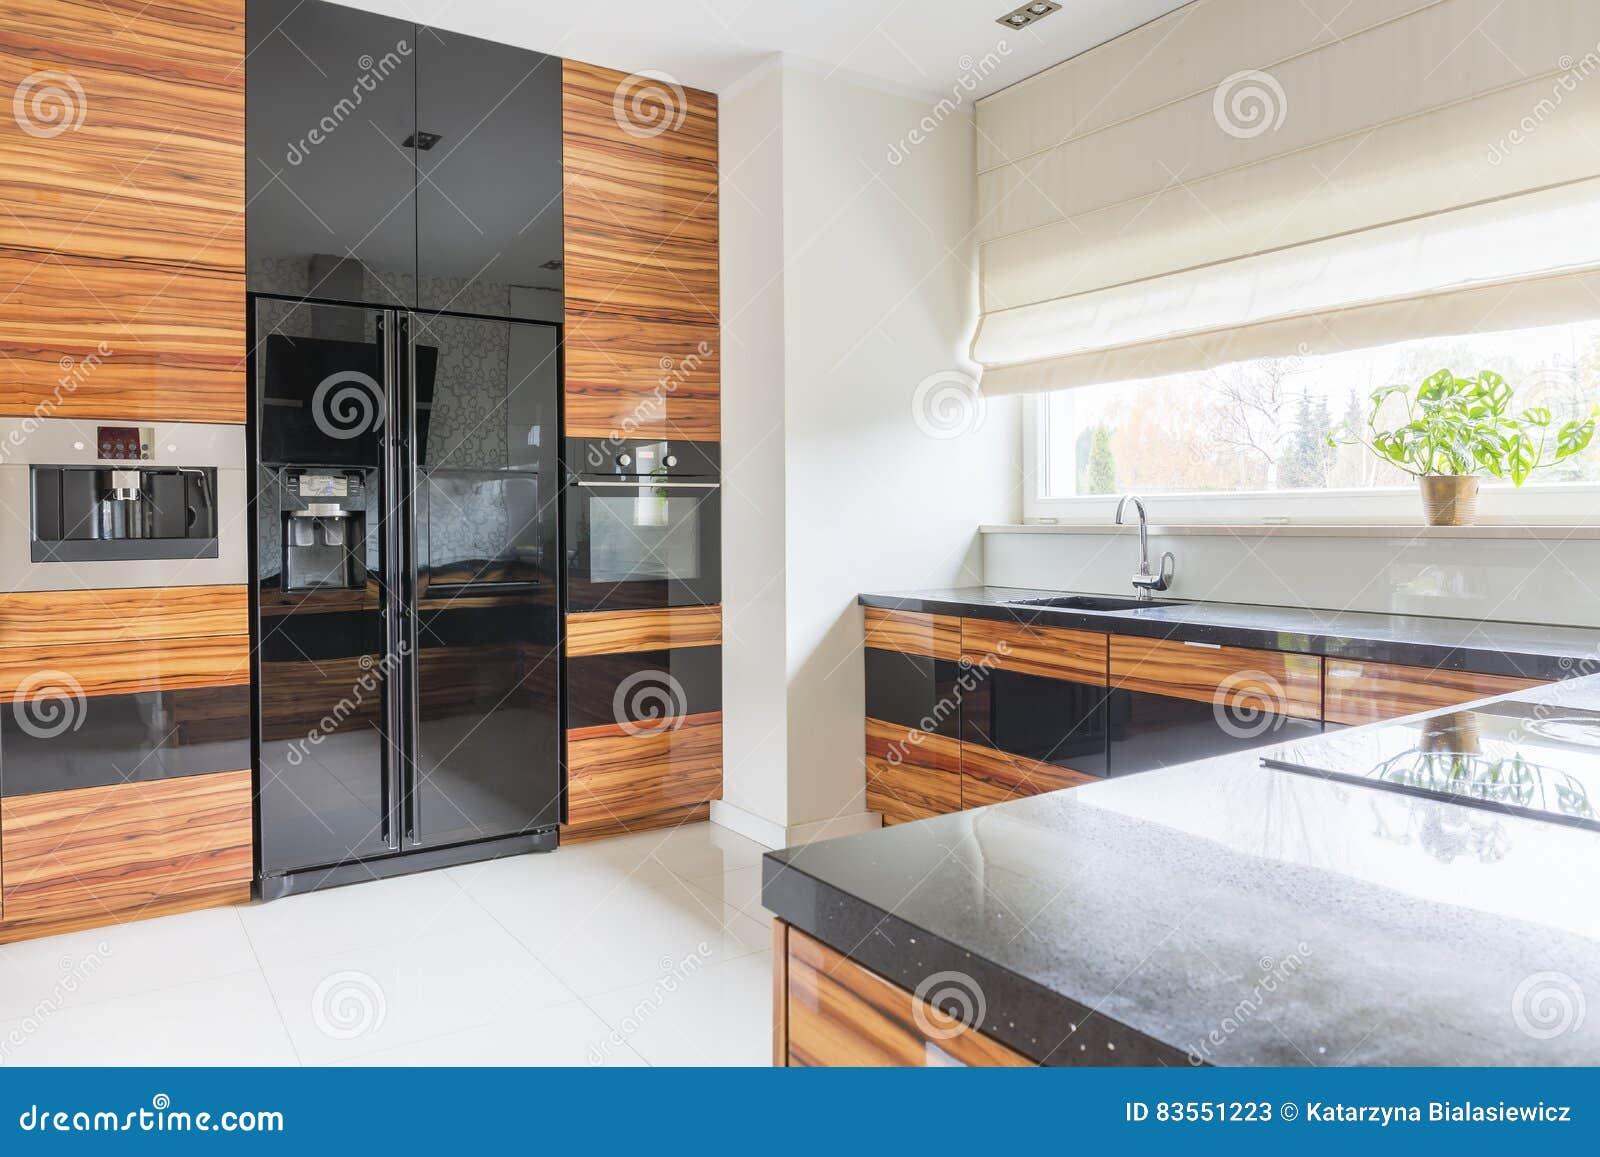 Keuken Marmer Zwart : Keuken met zwart marmer worktop stock afbeelding afbeelding